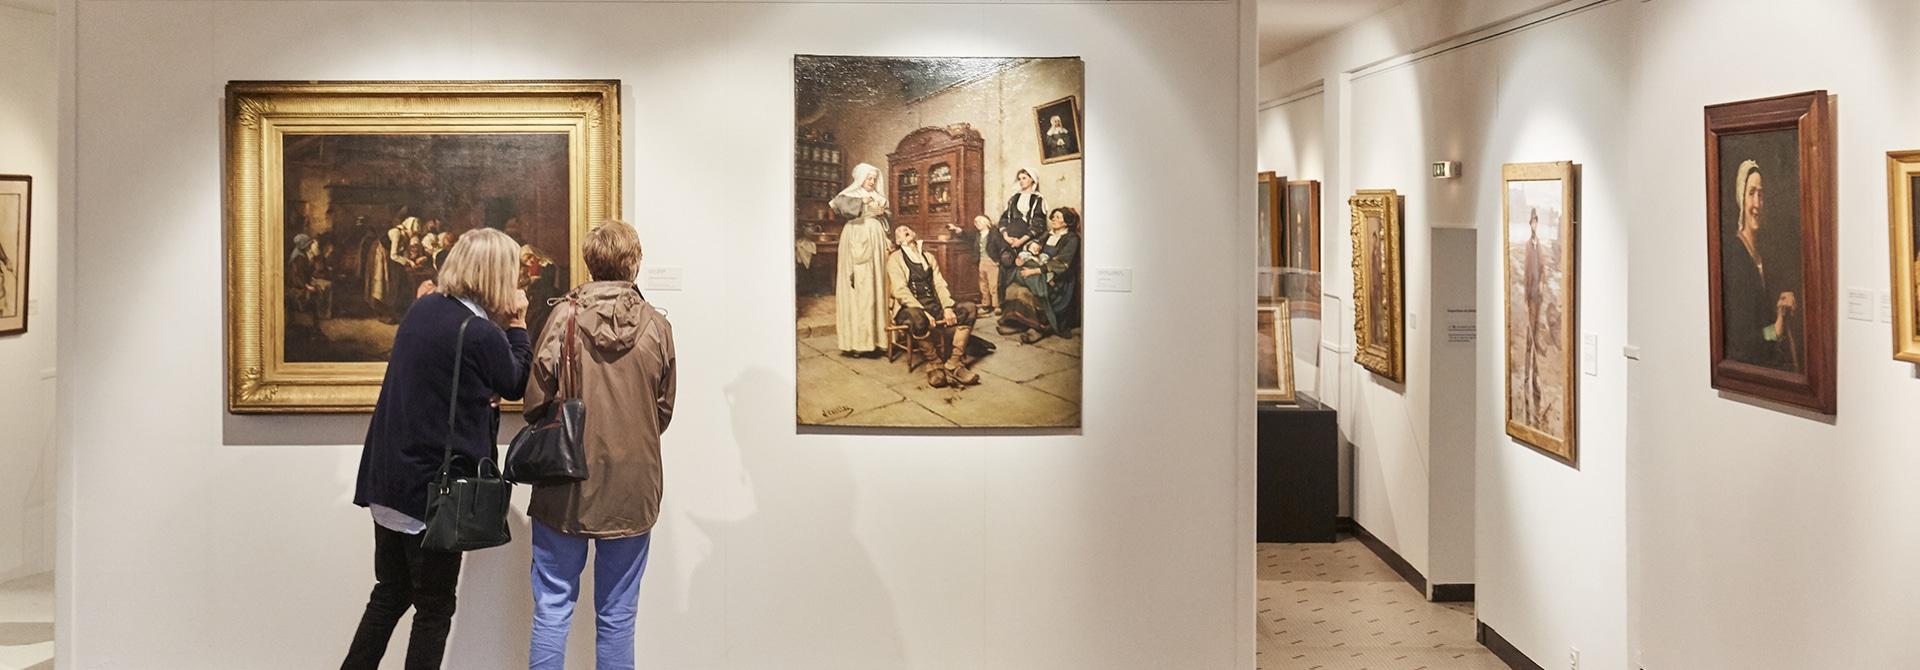 Bienvenue au Musée du Faouët